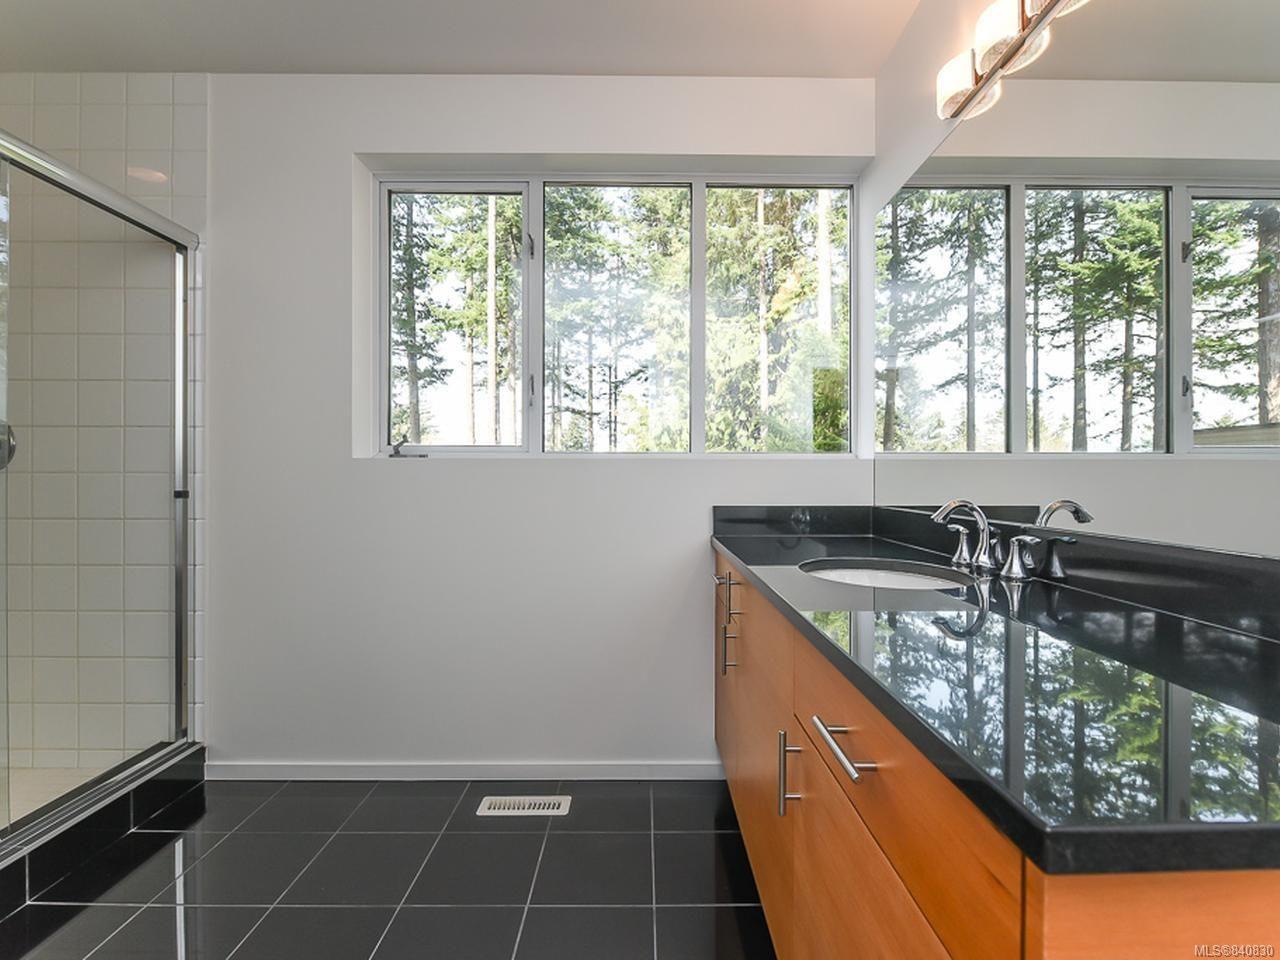 Photo 35: Photos: 1156 Moore Rd in COMOX: CV Comox Peninsula House for sale (Comox Valley)  : MLS®# 840830